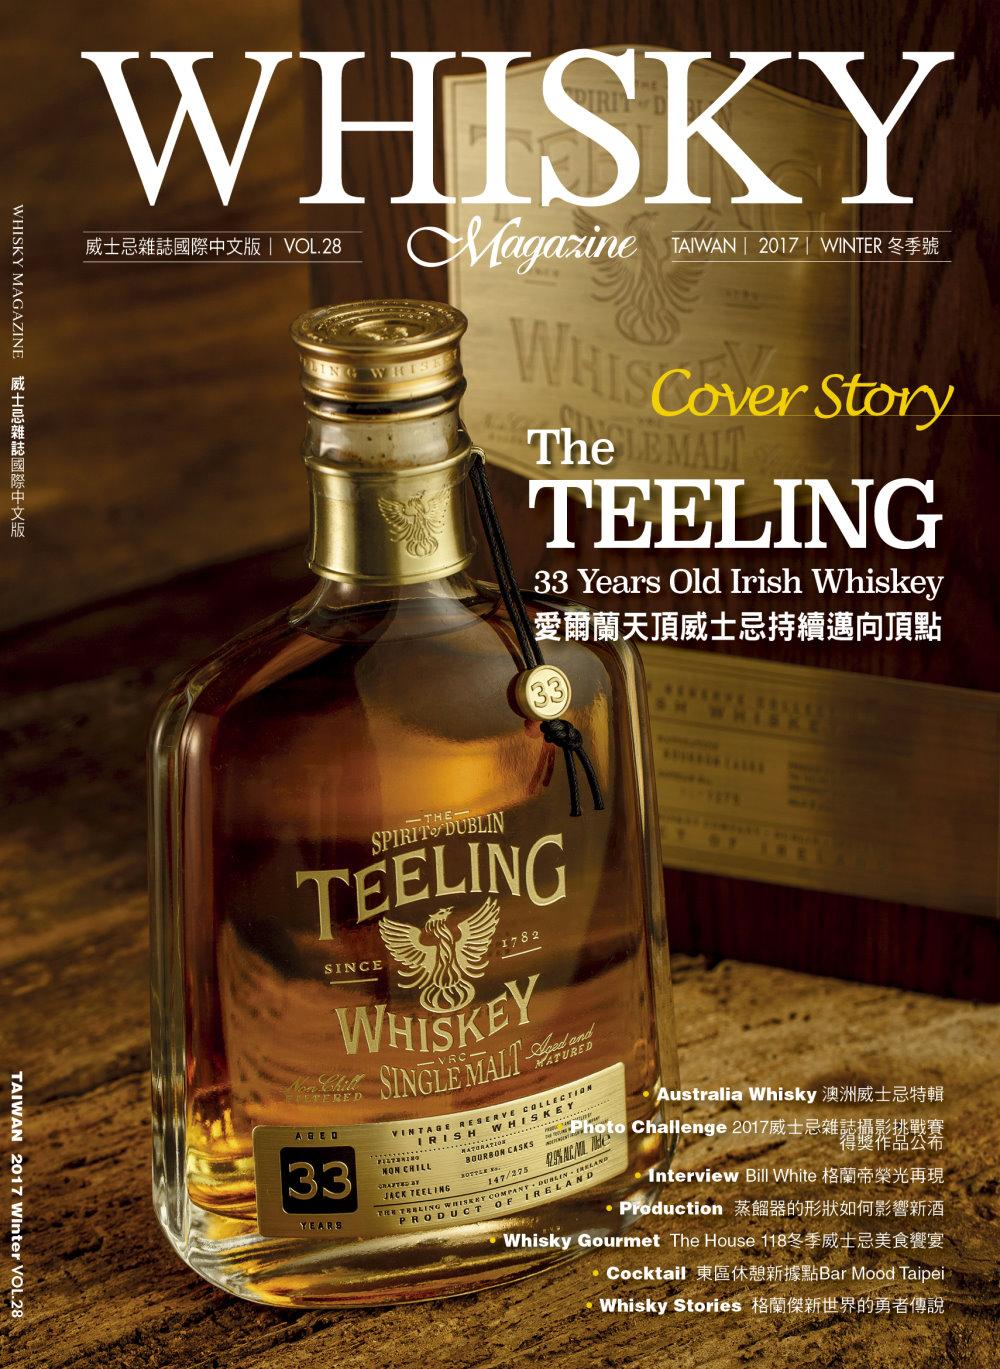 Whisky Magazine威士忌雜誌國際中文版 冬季號/2017 第28期